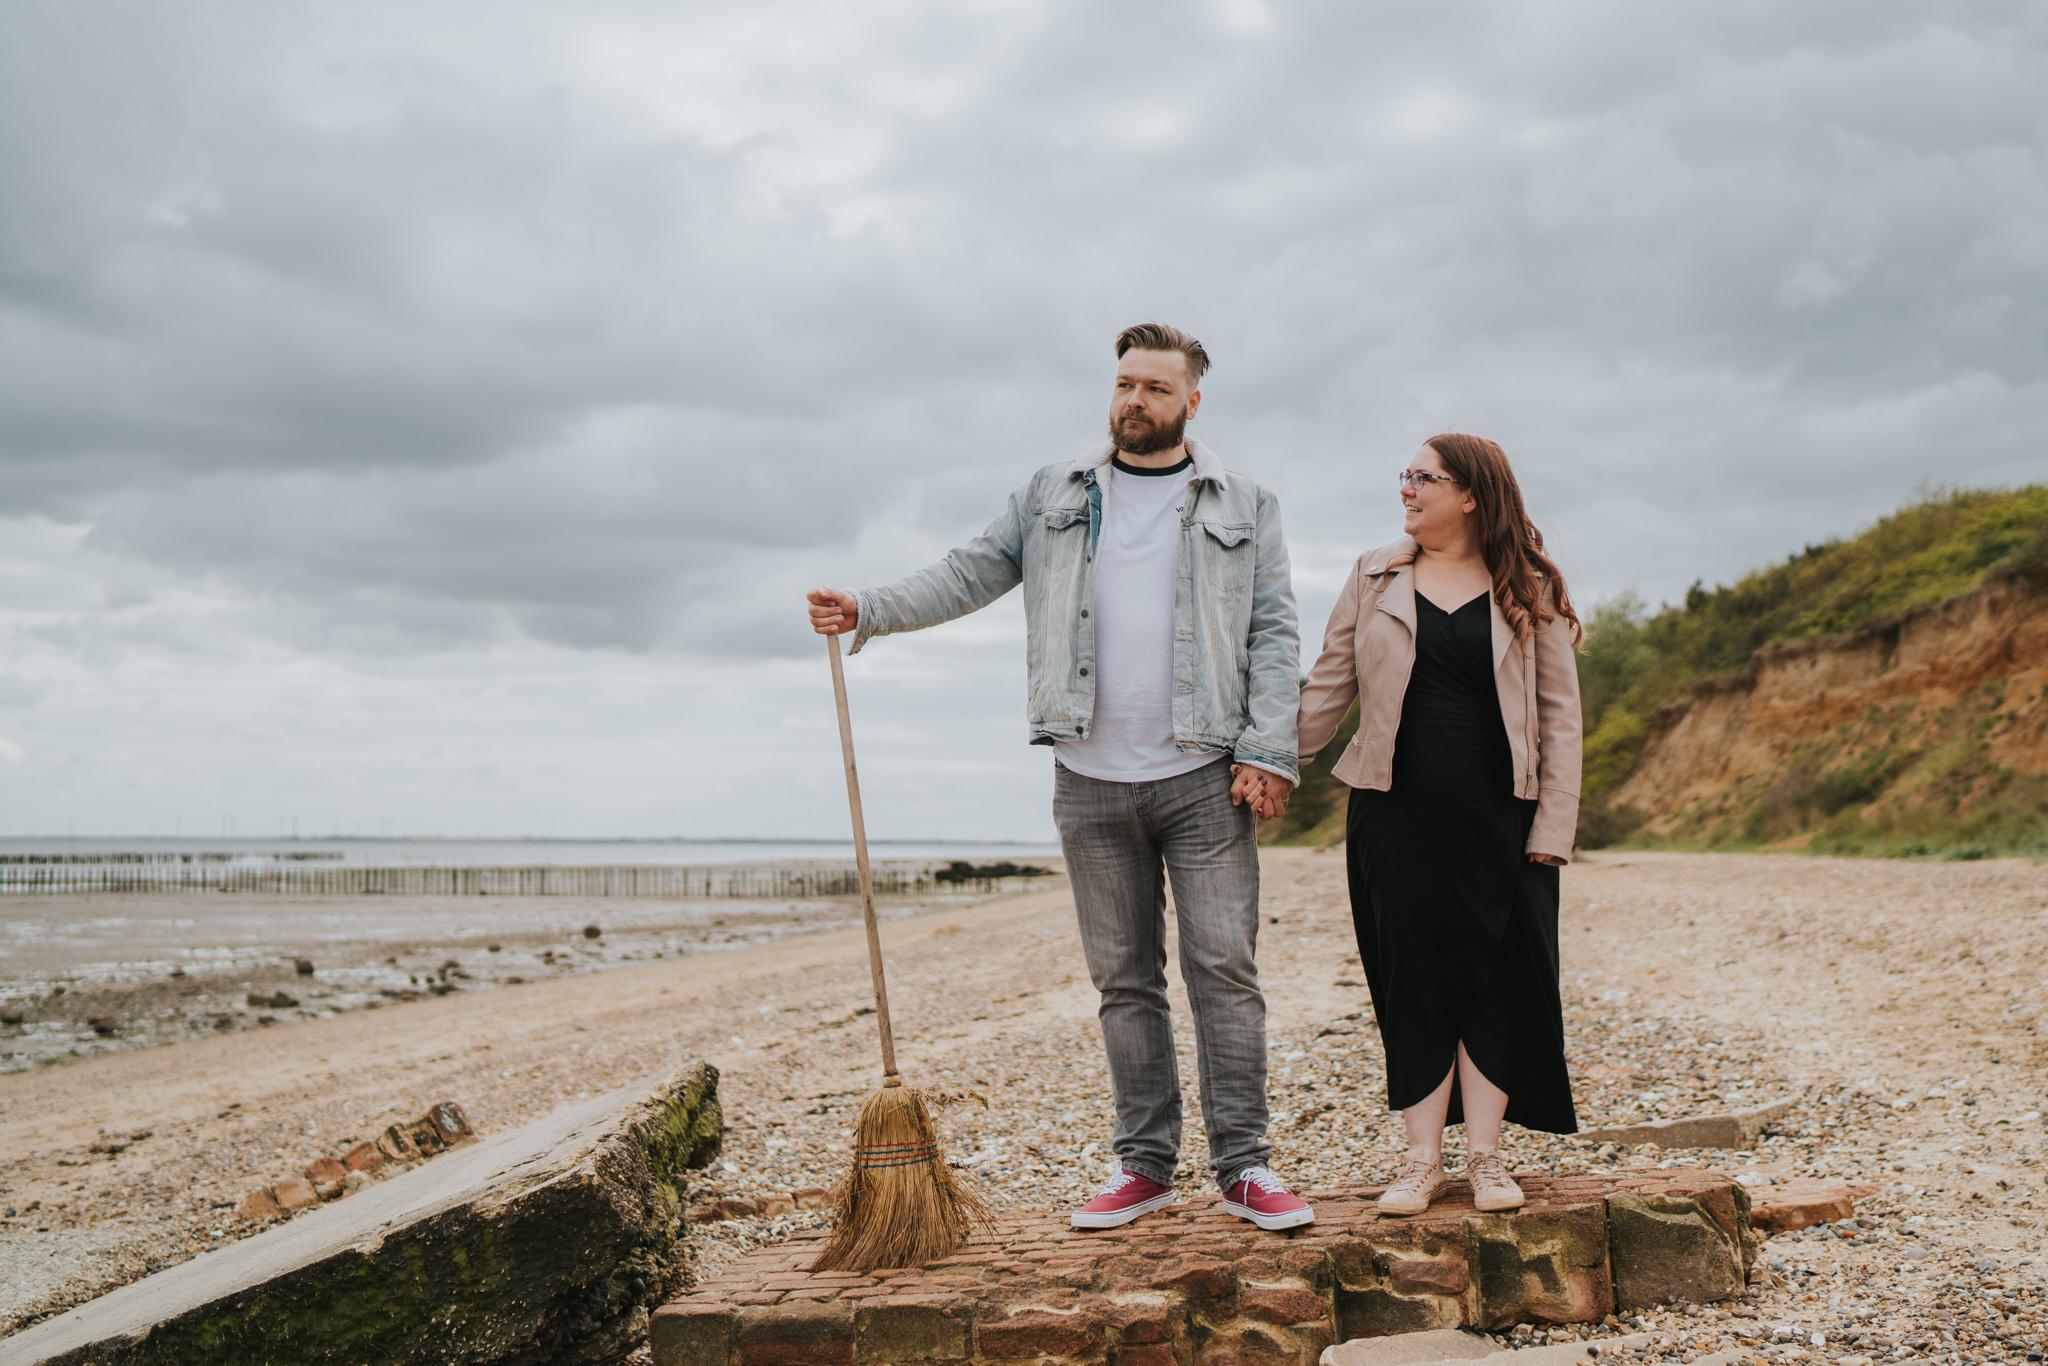 katrina-jim-cudmore-grove-beach-couple-engagement-session-grace-elizabeth-colchester-essex-alternative-wedding-lifestyle-photographer-essex-suffolk-norfolk-devon (37 of 47).jpg